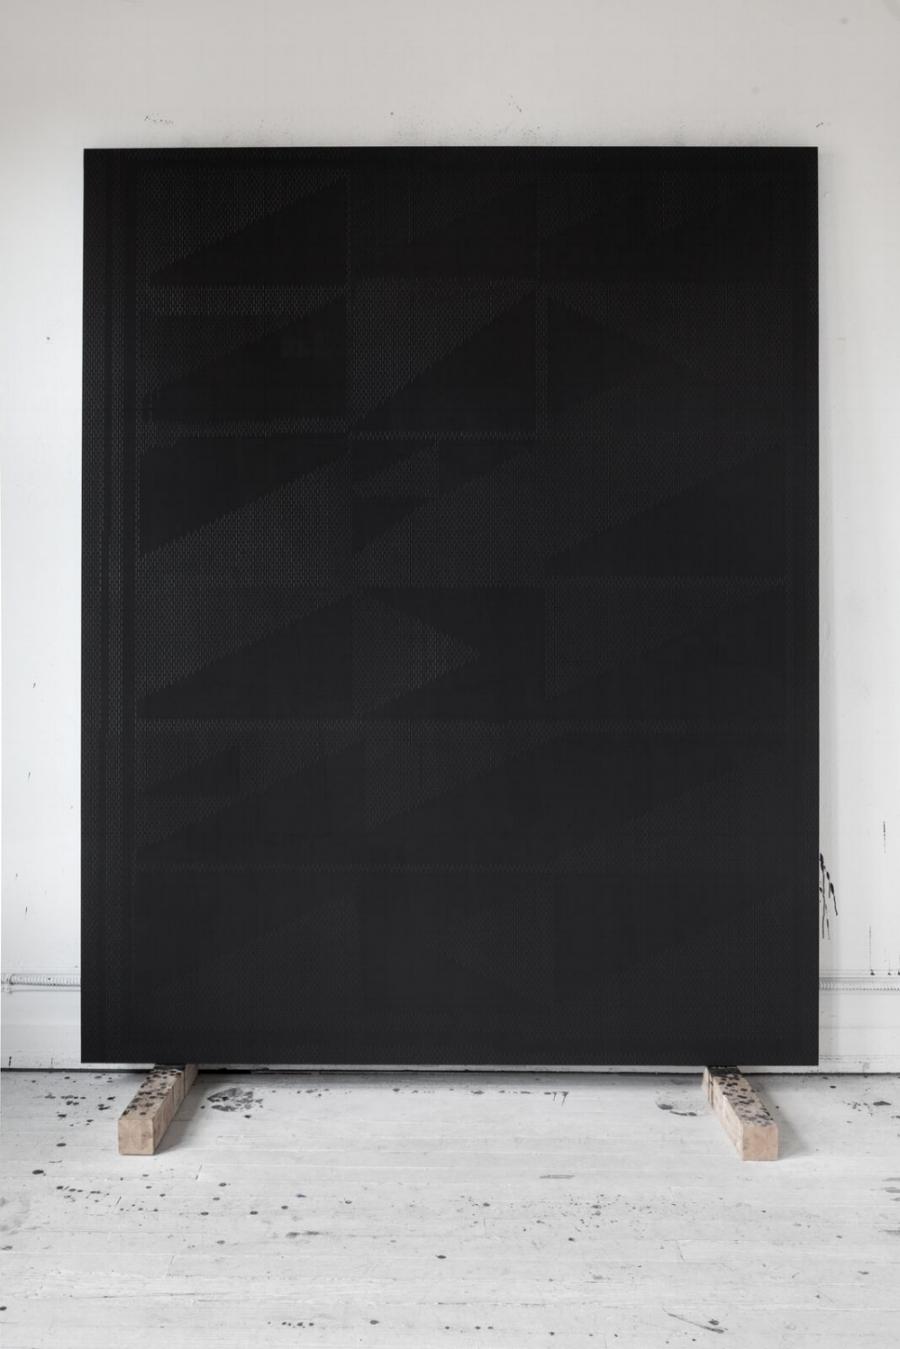 Tapeto for Nicole (The Boyfriend in Costa Rica), oil graphite paster on panel, 96 x 77 inches, 2016/2017